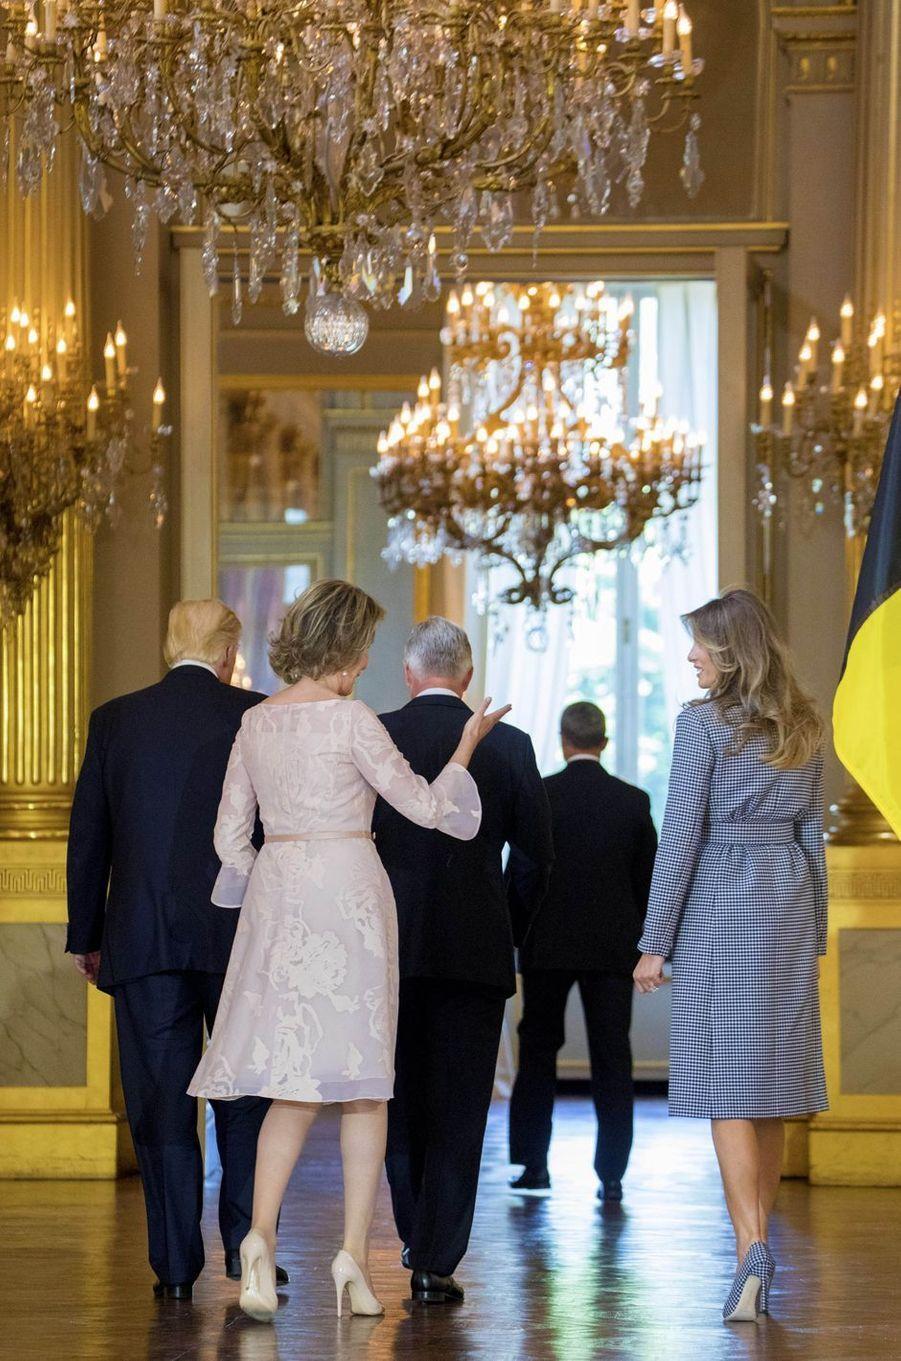 La reine Mathilde de Belgique et Melania Trump à Bruxelles, le 25 mai 2017